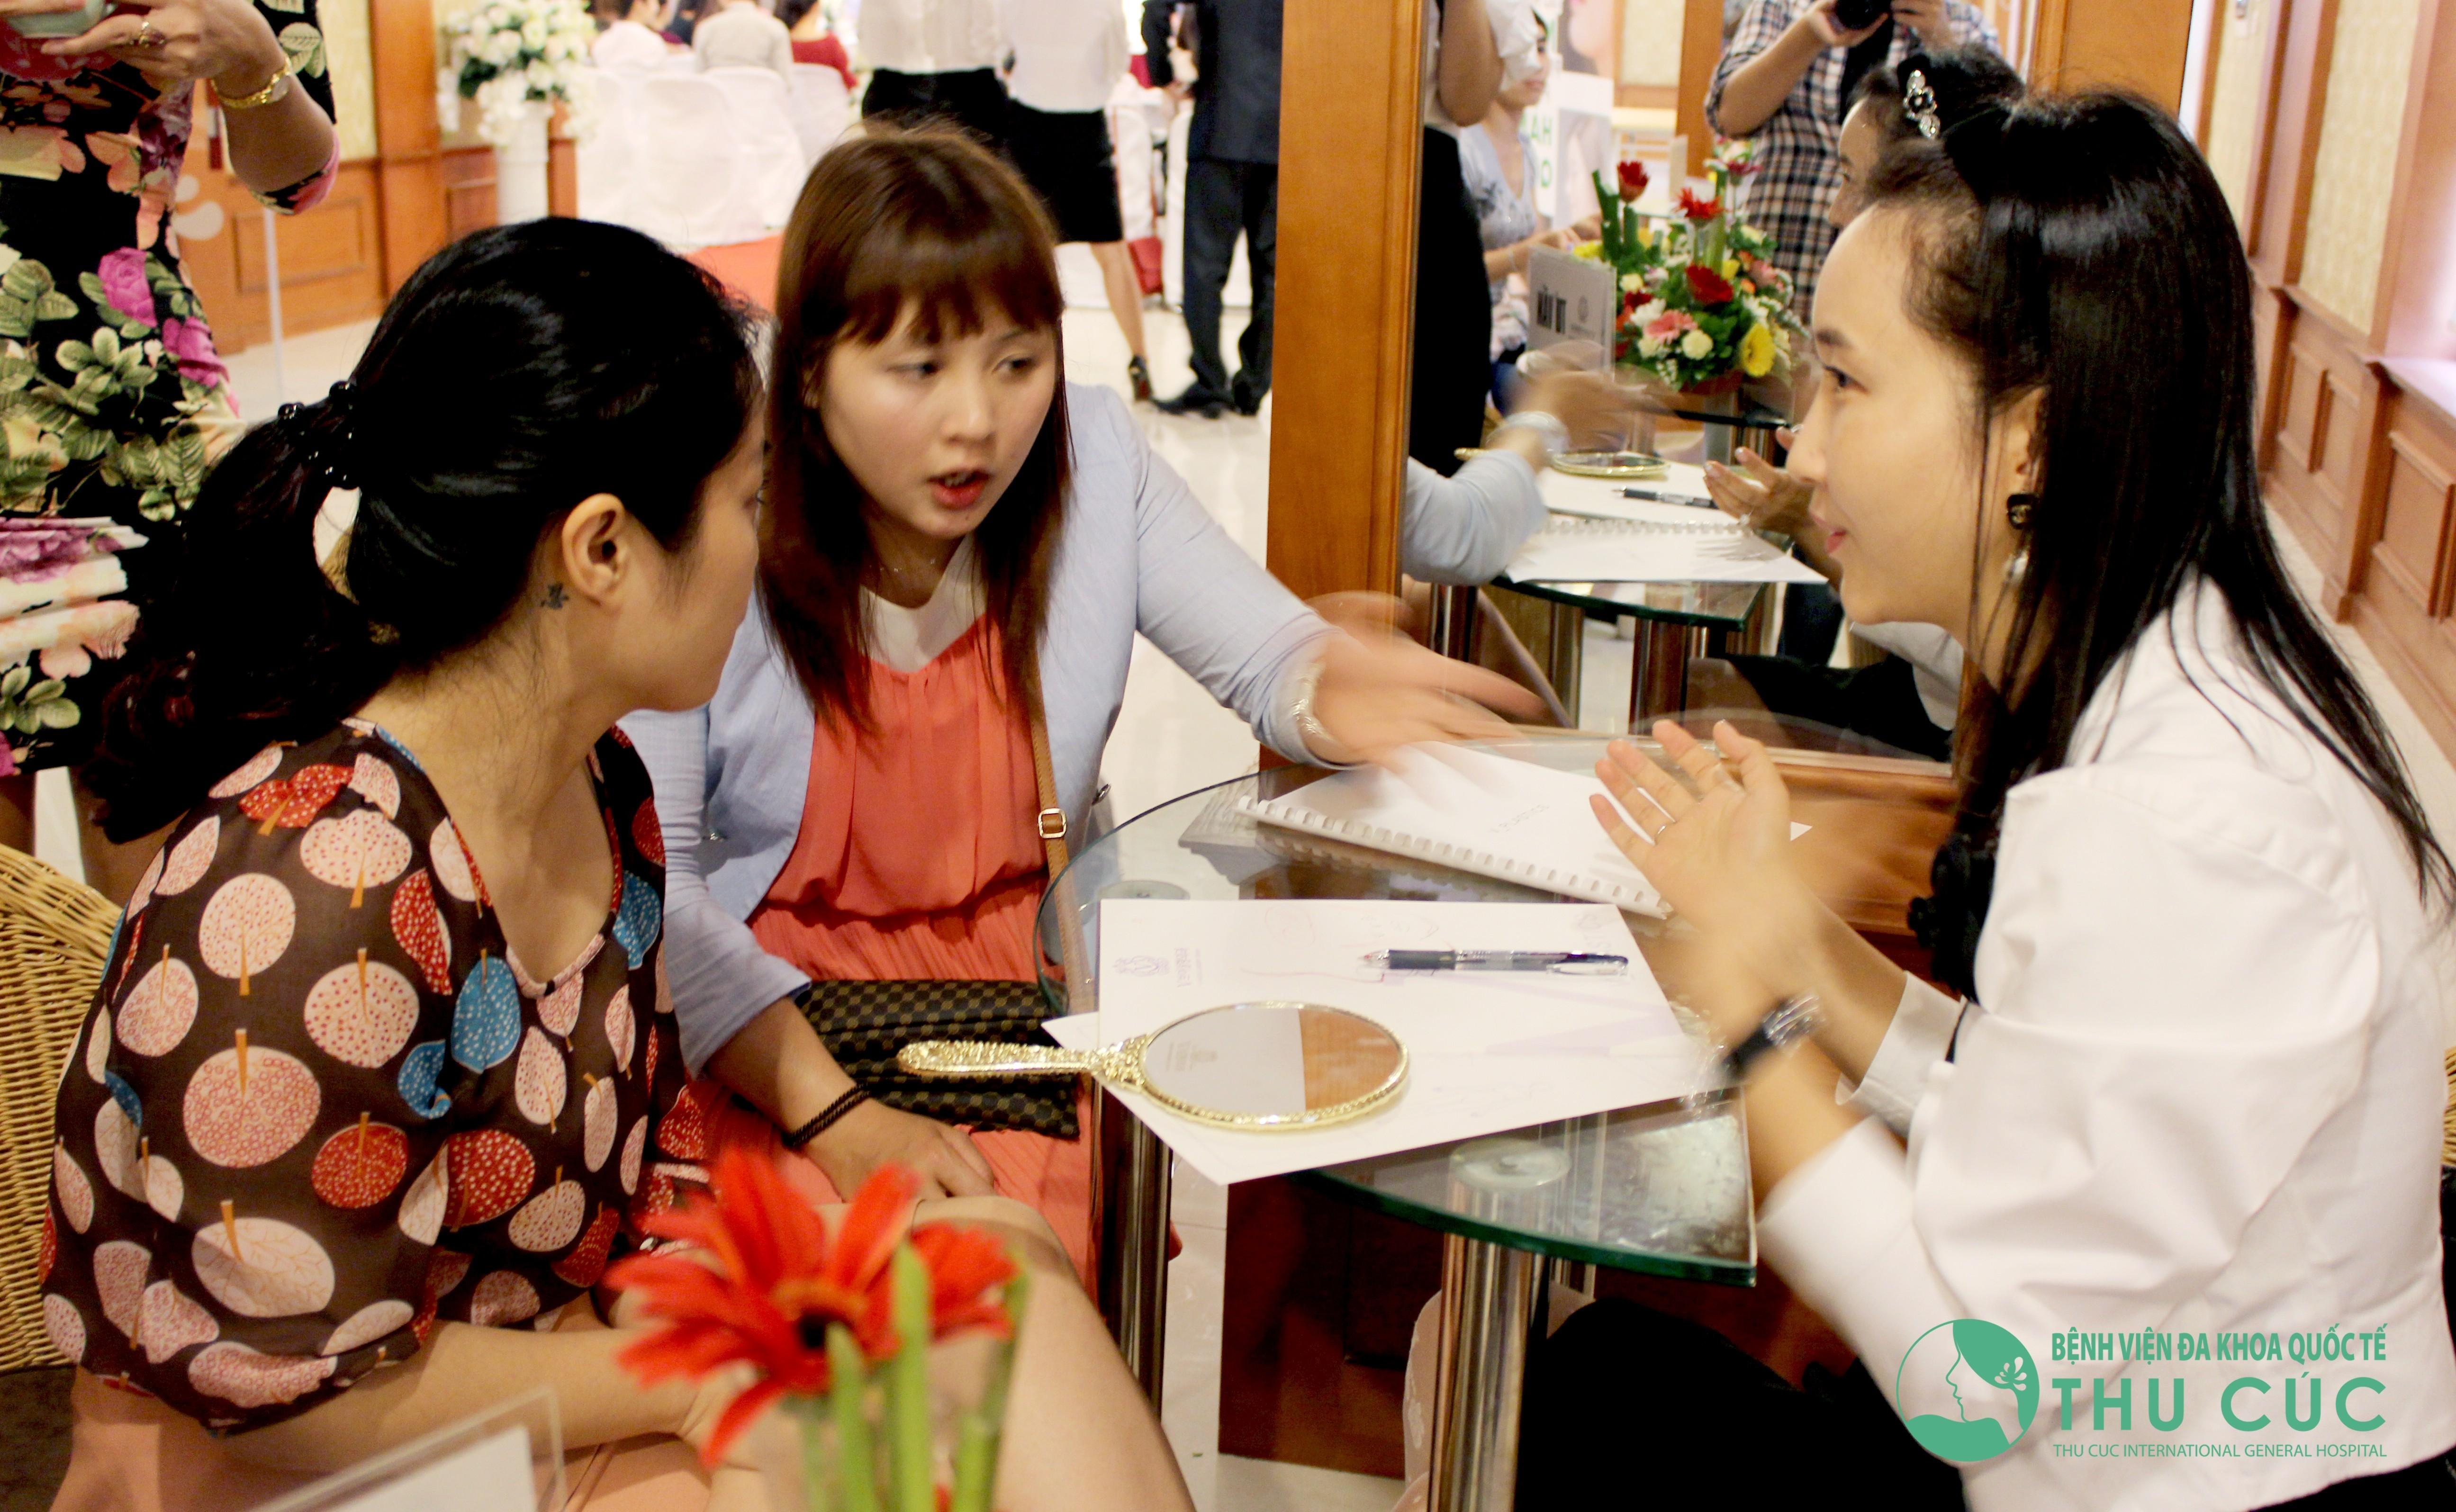 Bệnh viện ở Hà Nội